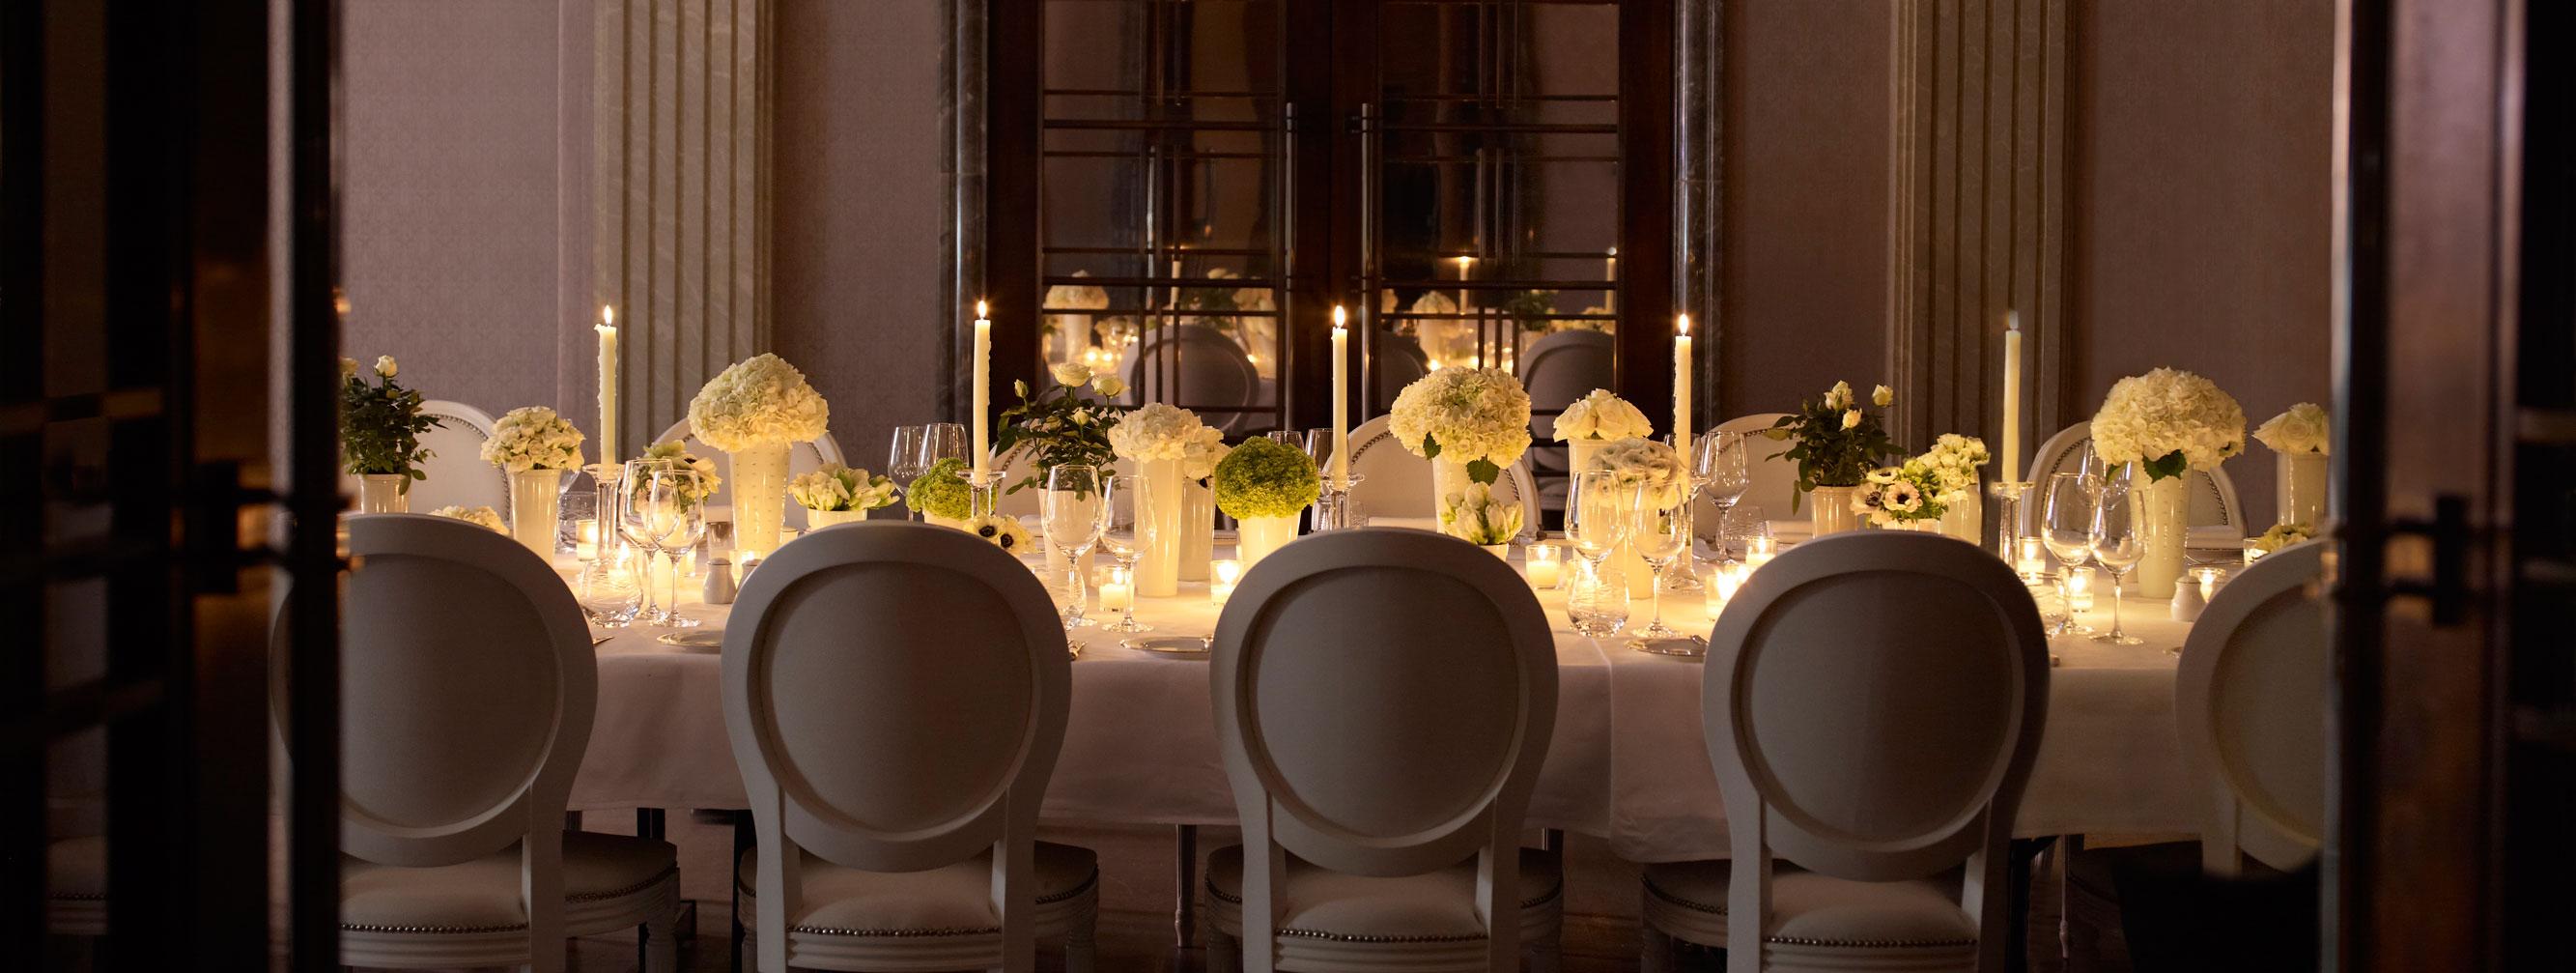 An all white set dinner table